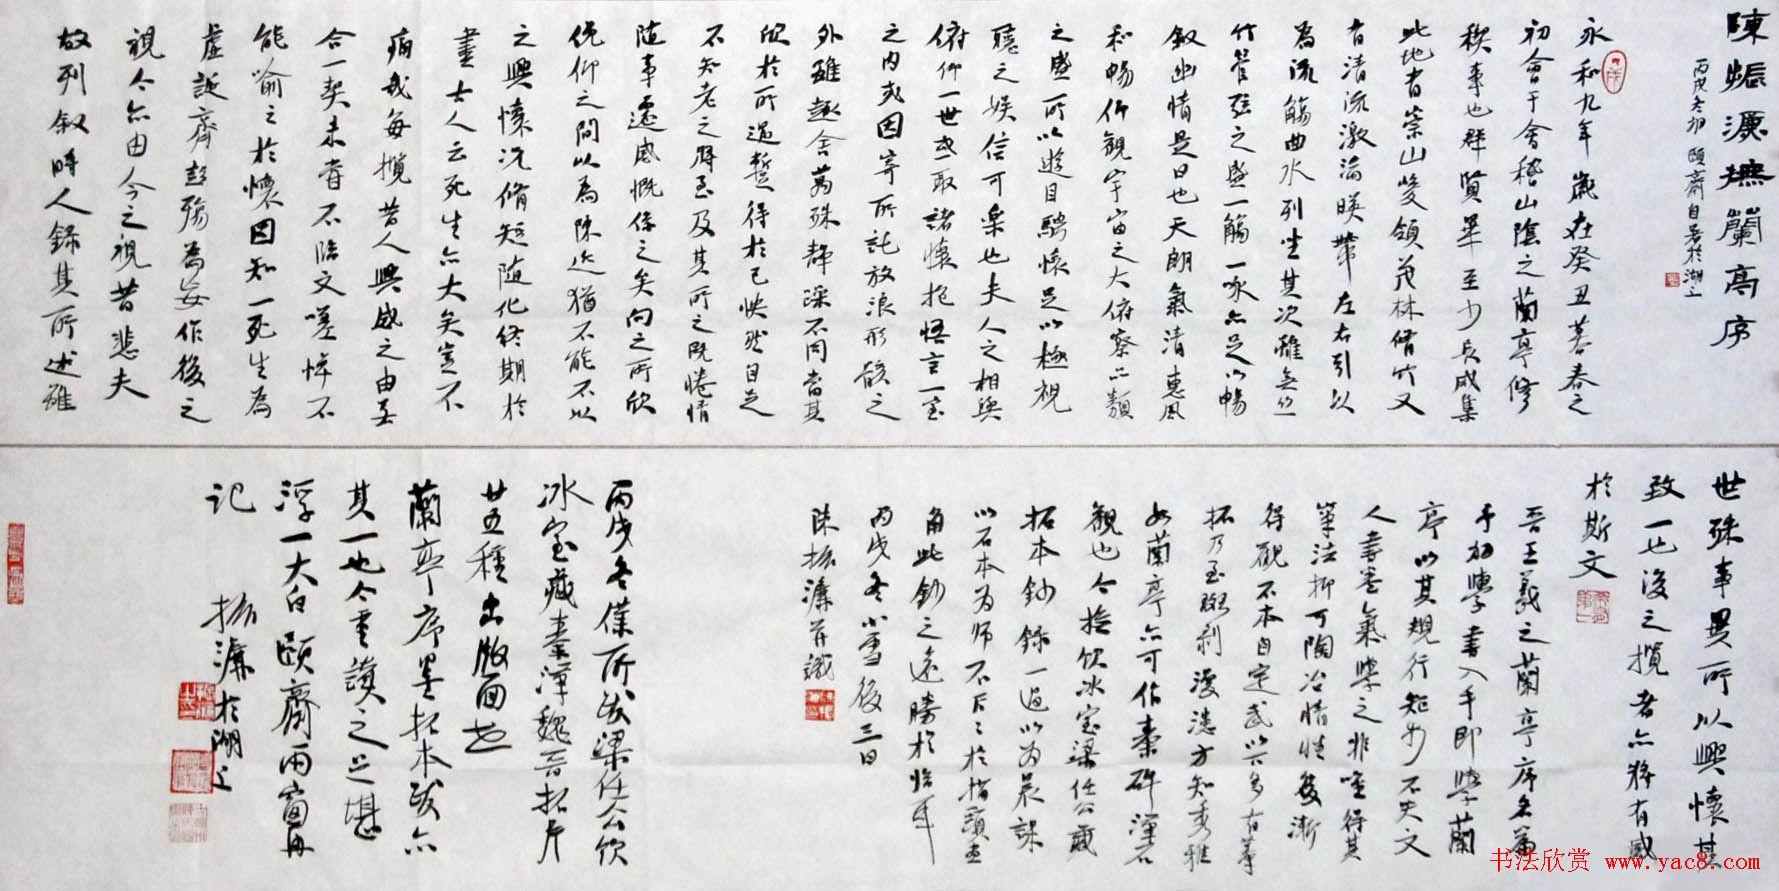 陈振濂临《兰亭序》书法作品2种